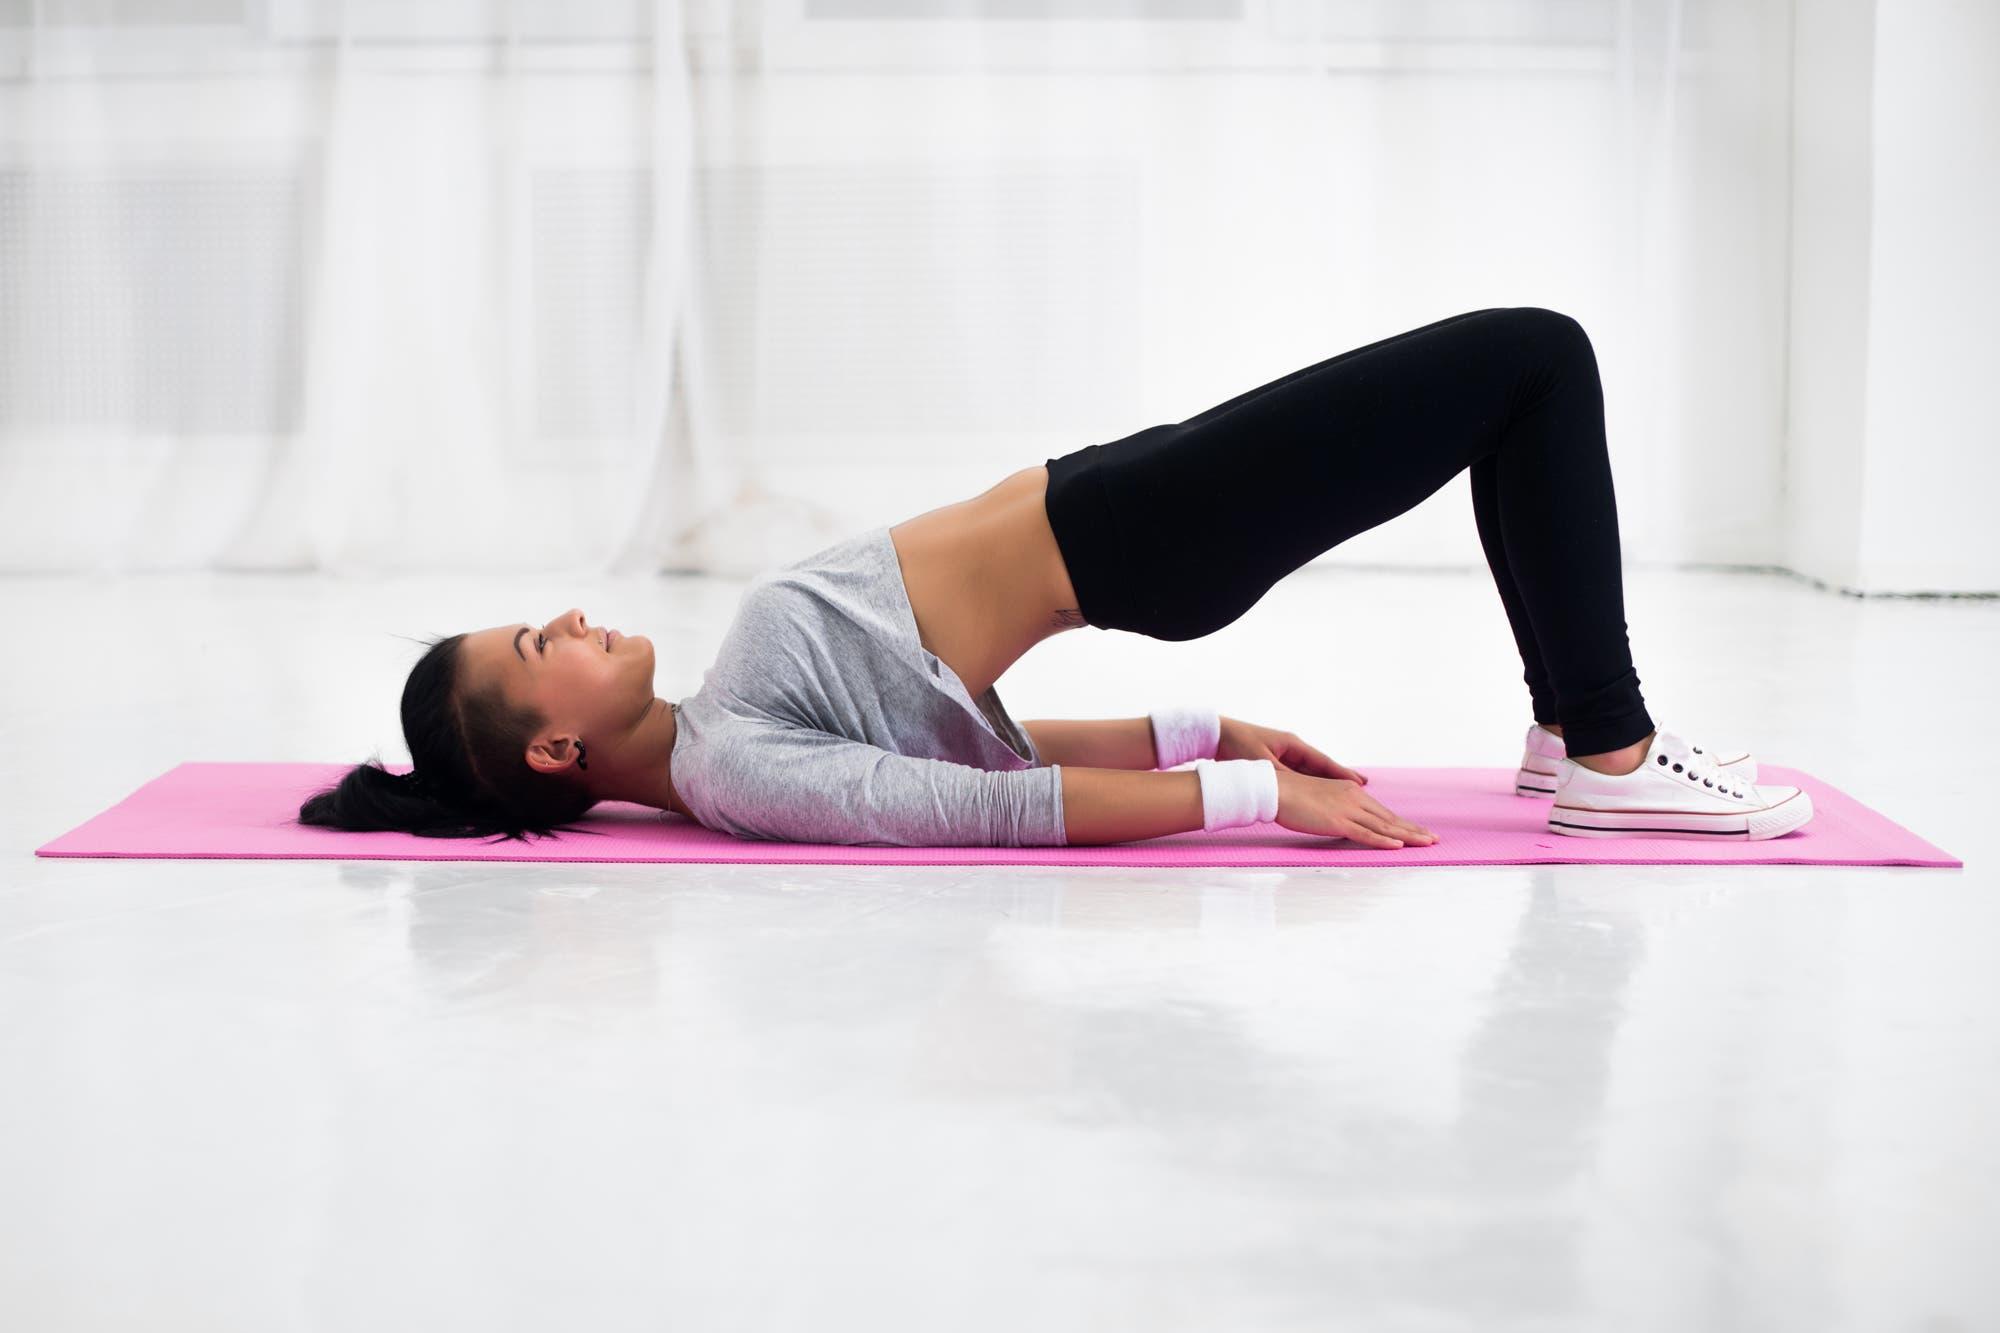 erección después del ejercicio 2